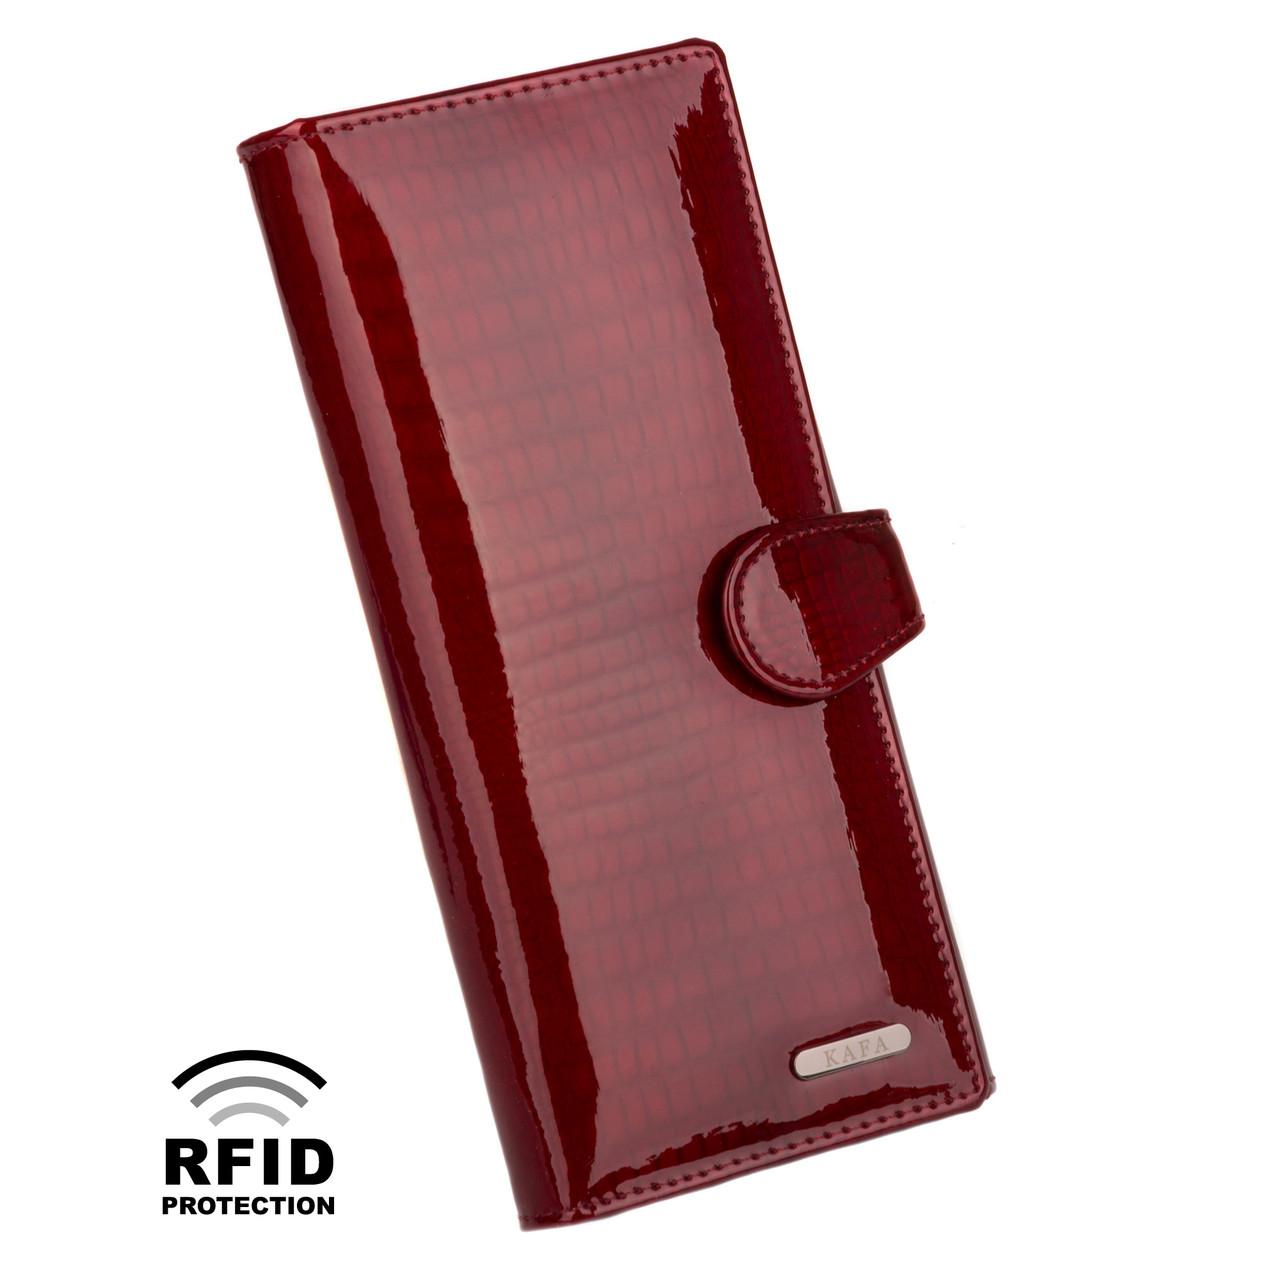 d037af8ab5fd Кошелек Женский Кожаный Лаковый Kafa с RFID Защитой (AE031 Red) — в ...